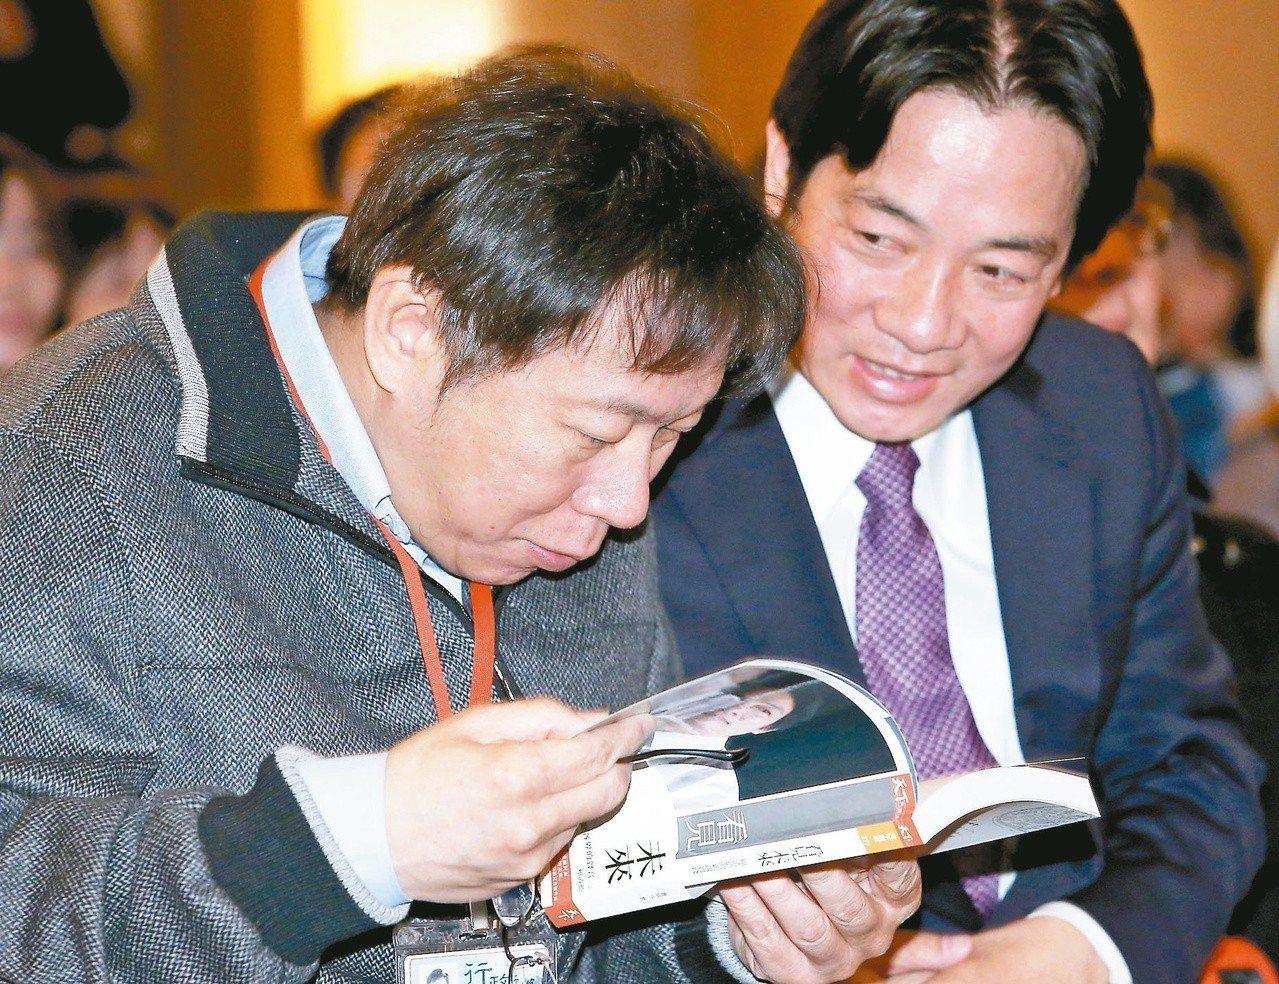 2015年,台南市前市長賴清德(右)舉辦新書發表會,把新書比喻為金庸筆下的「九陽...